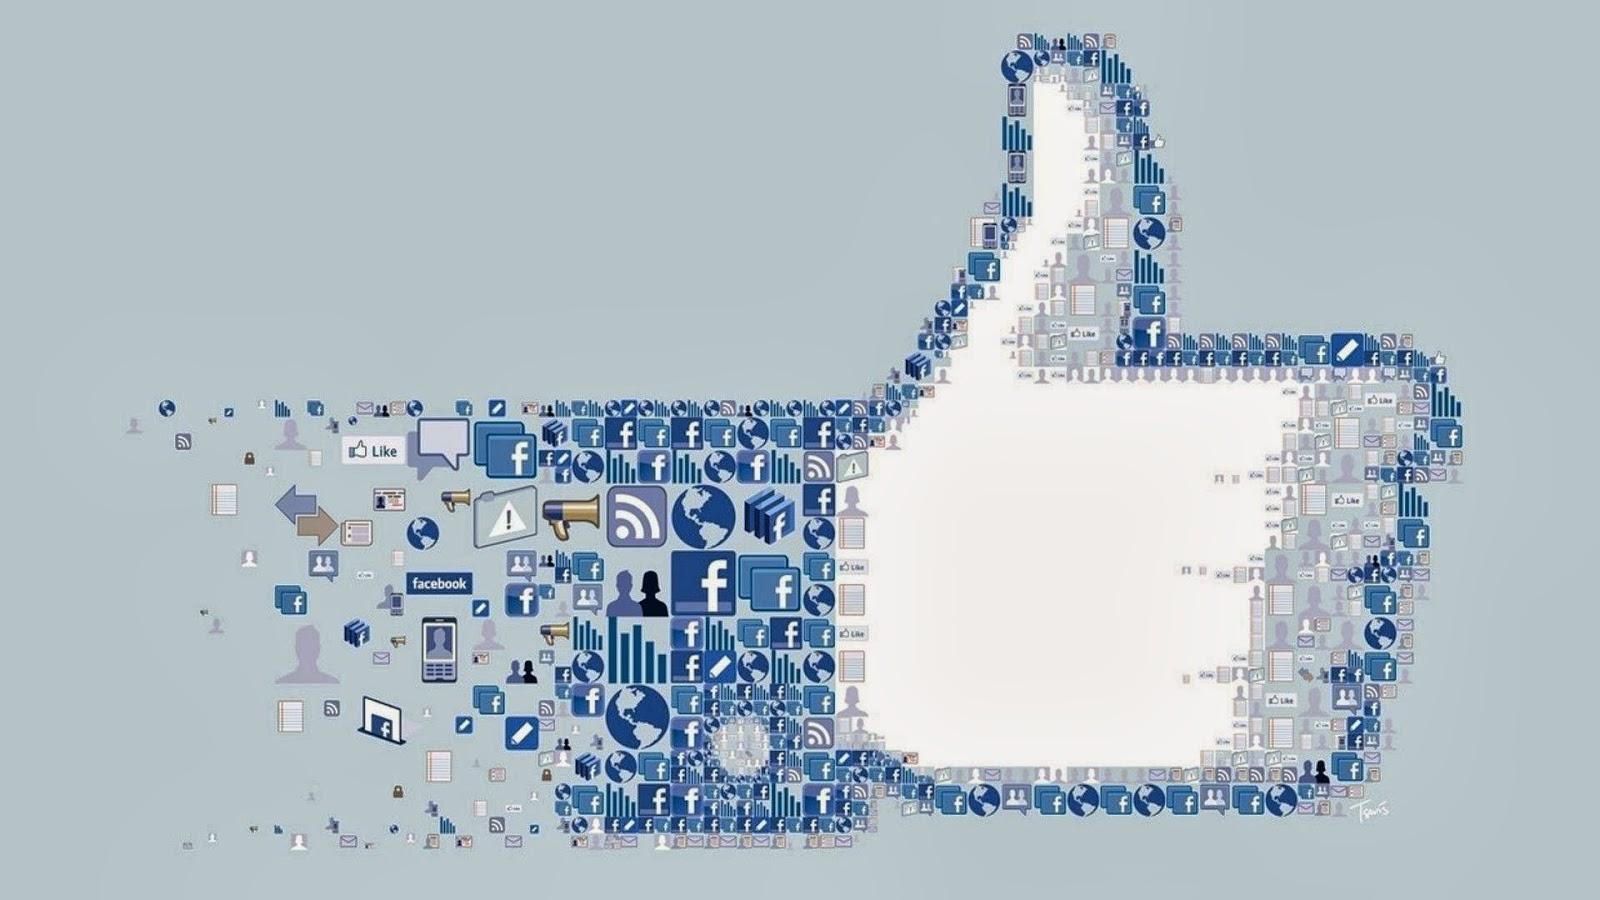 Status FB Terbaru Dan Terlucu Agung Jays Blog